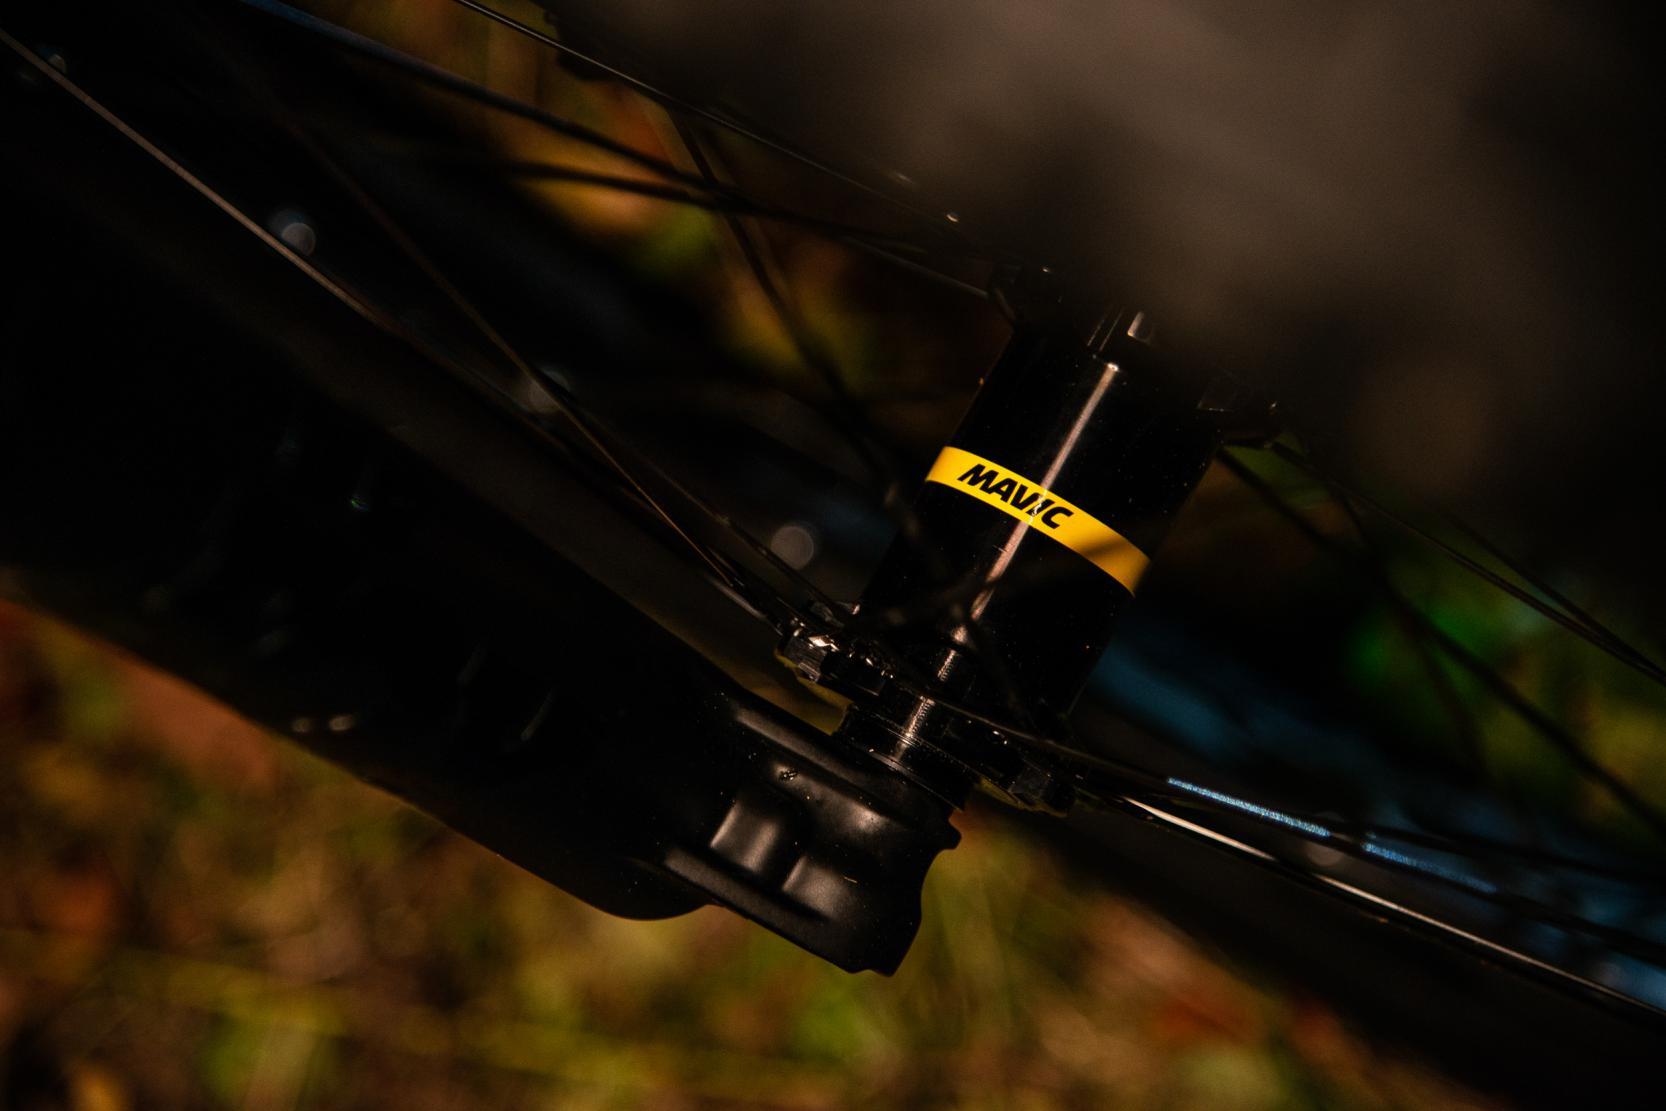 Die Laufräder von Mavic stellten sich in Tests als sehr stabil heraus